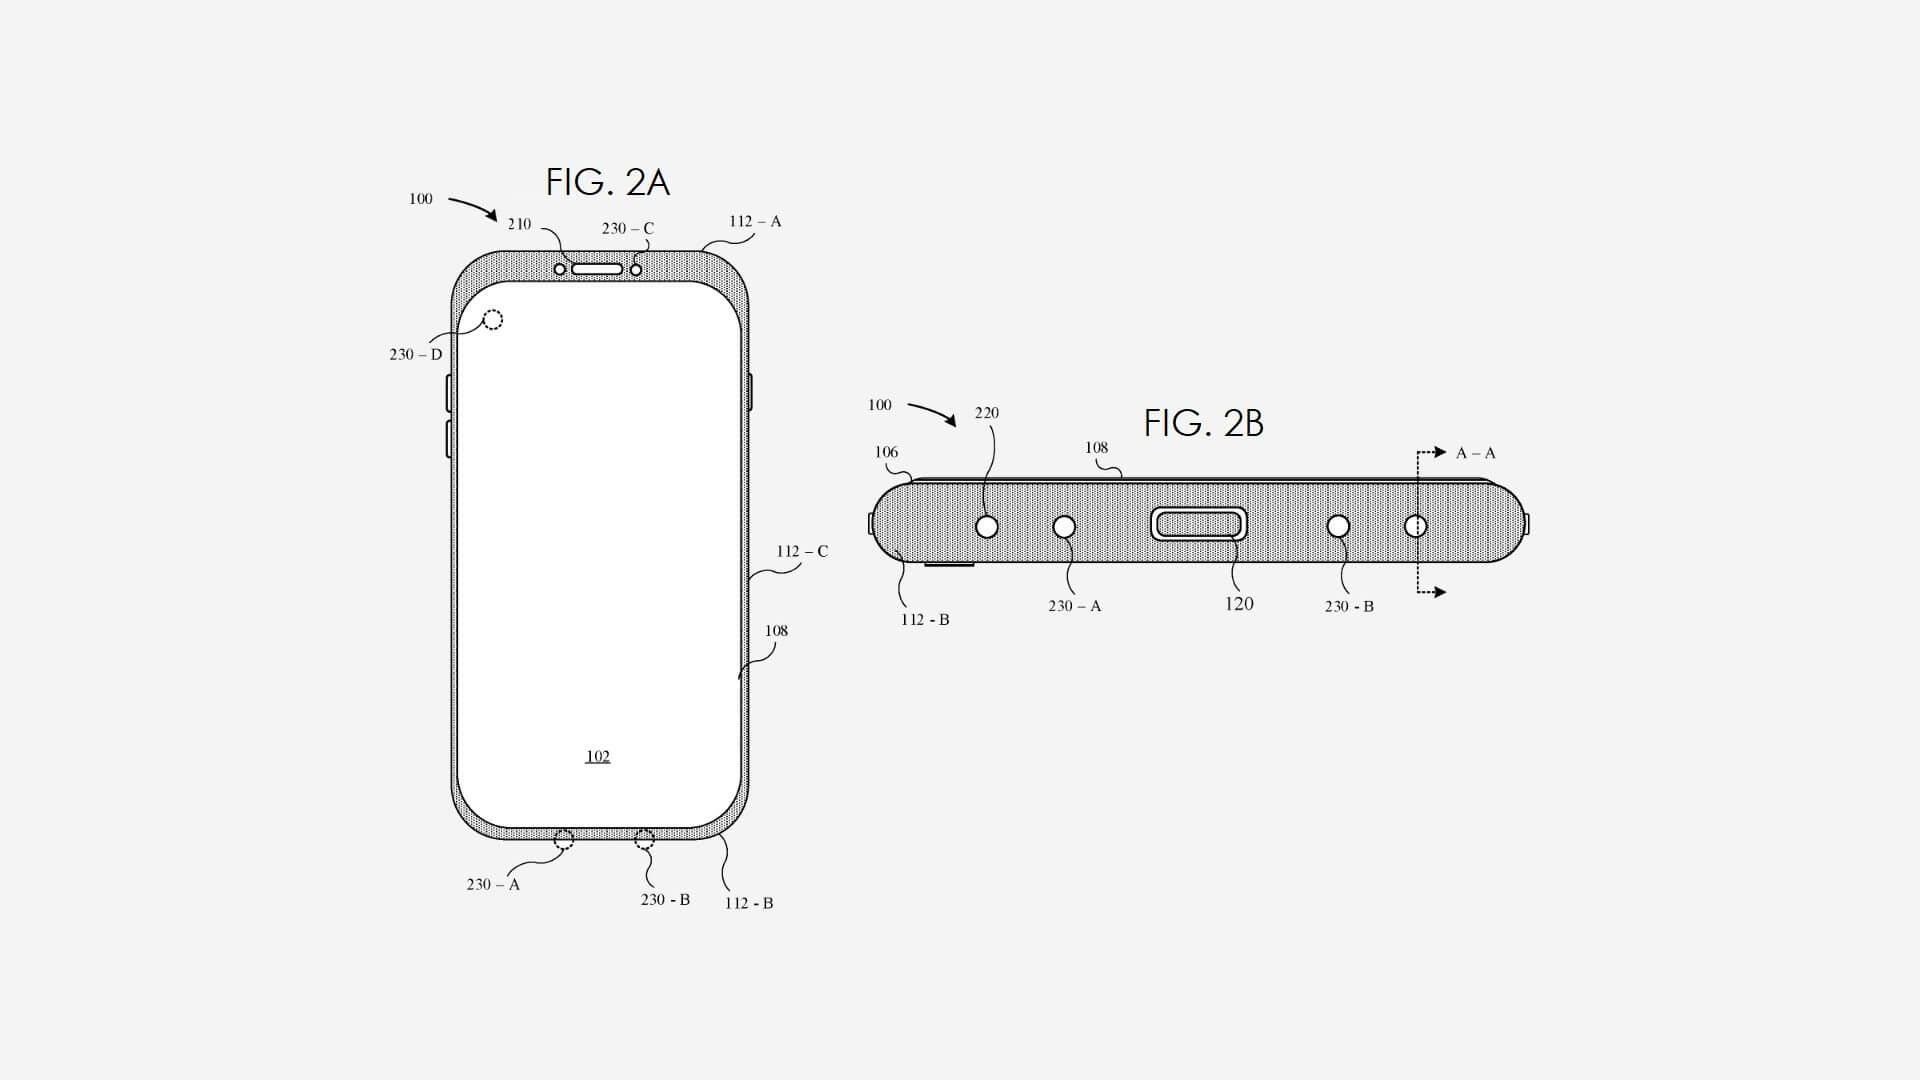 Патент Apple предполагает, что iPhone получит ту же систему выброса воды, что и Apple Watch